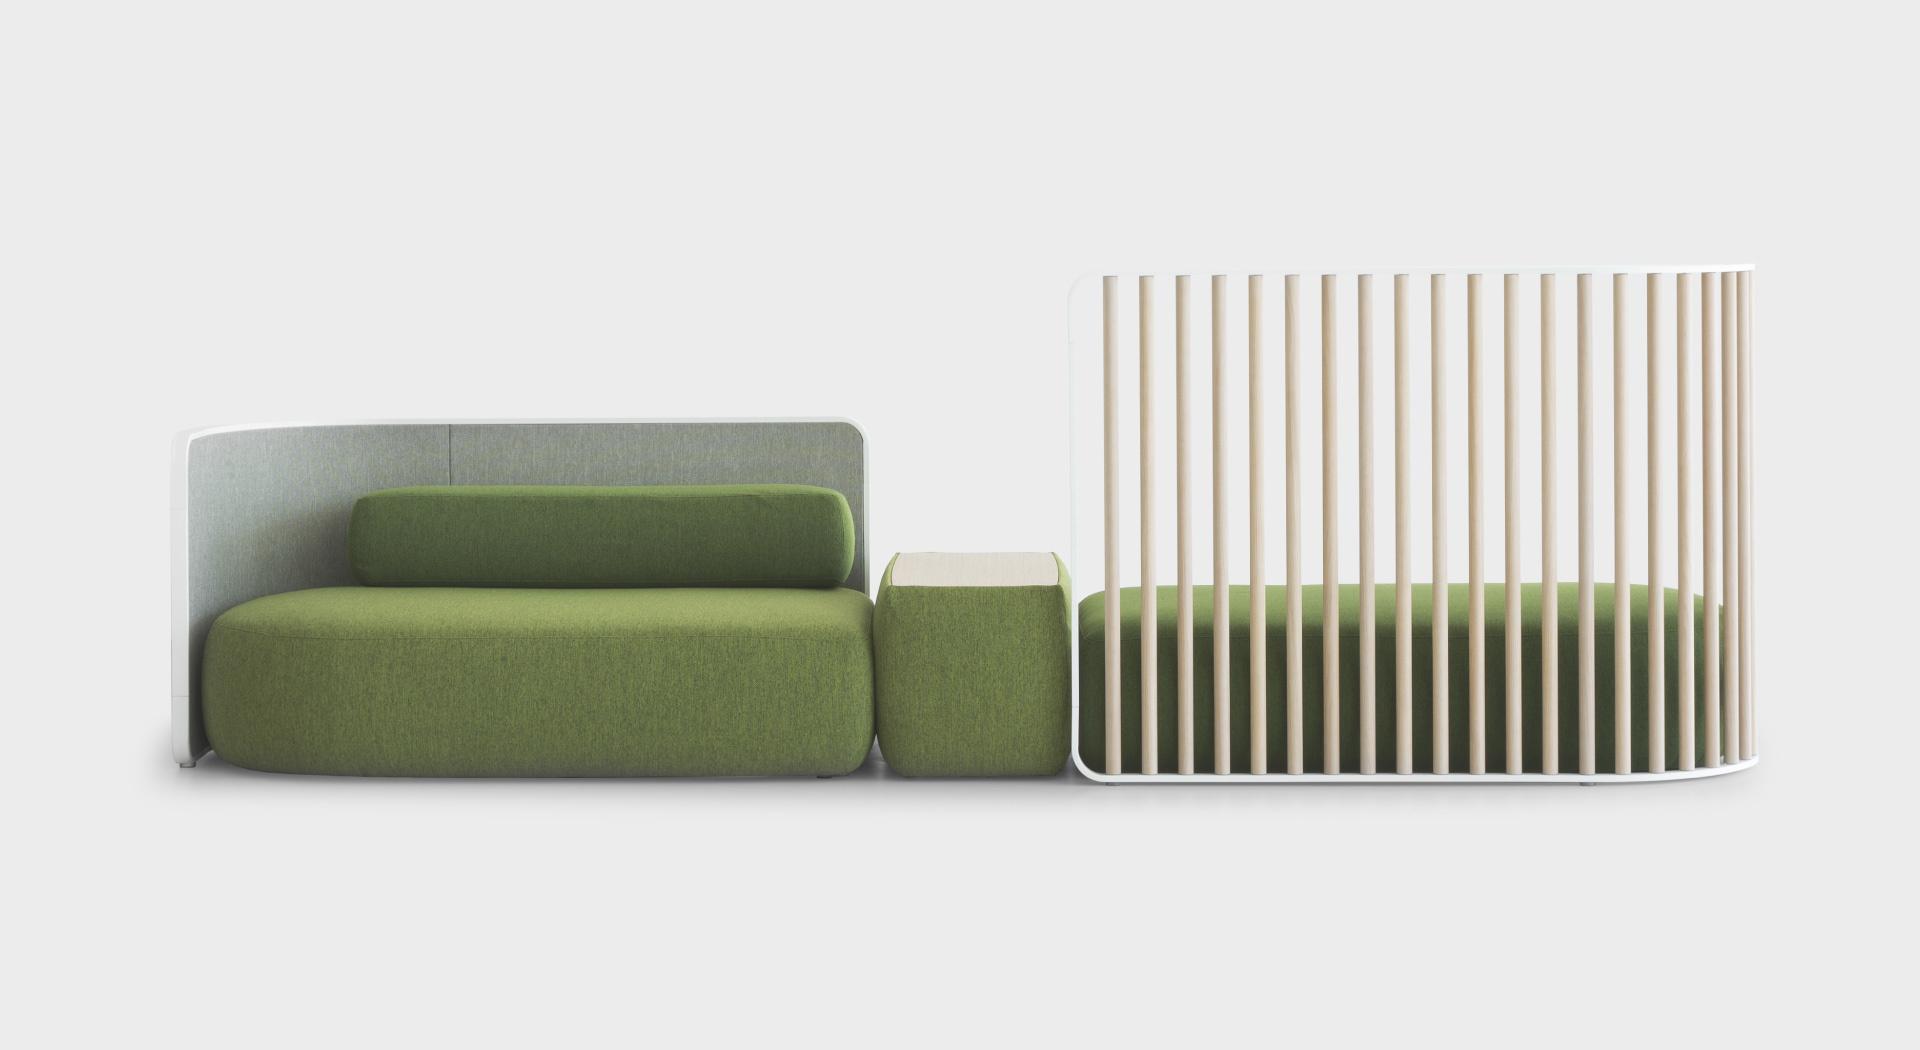 PLUS Vis-à-vis | Modular sofa: with partitions and armrest - Lapalma